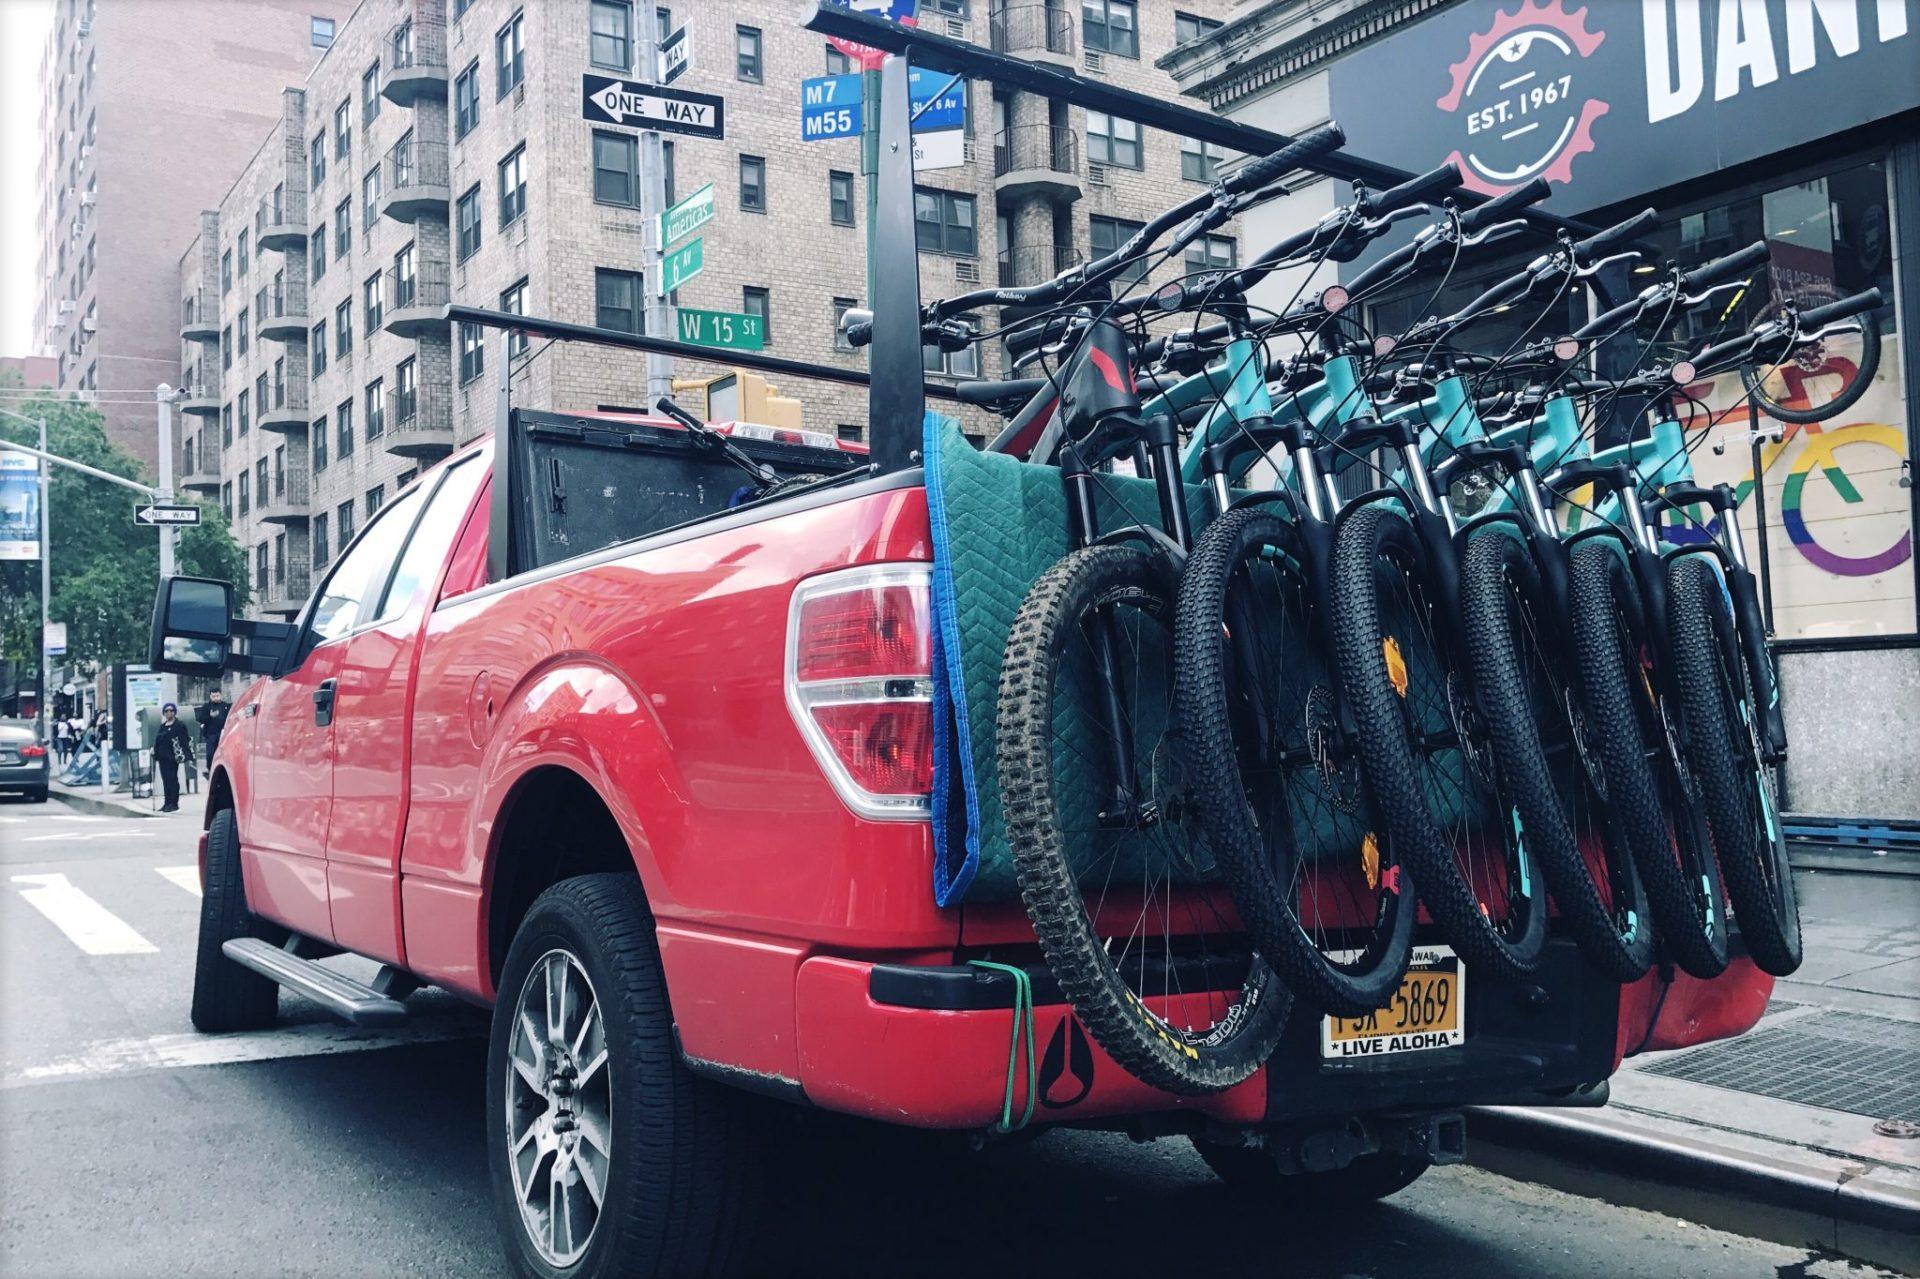 The Bike Hike Tours truck.